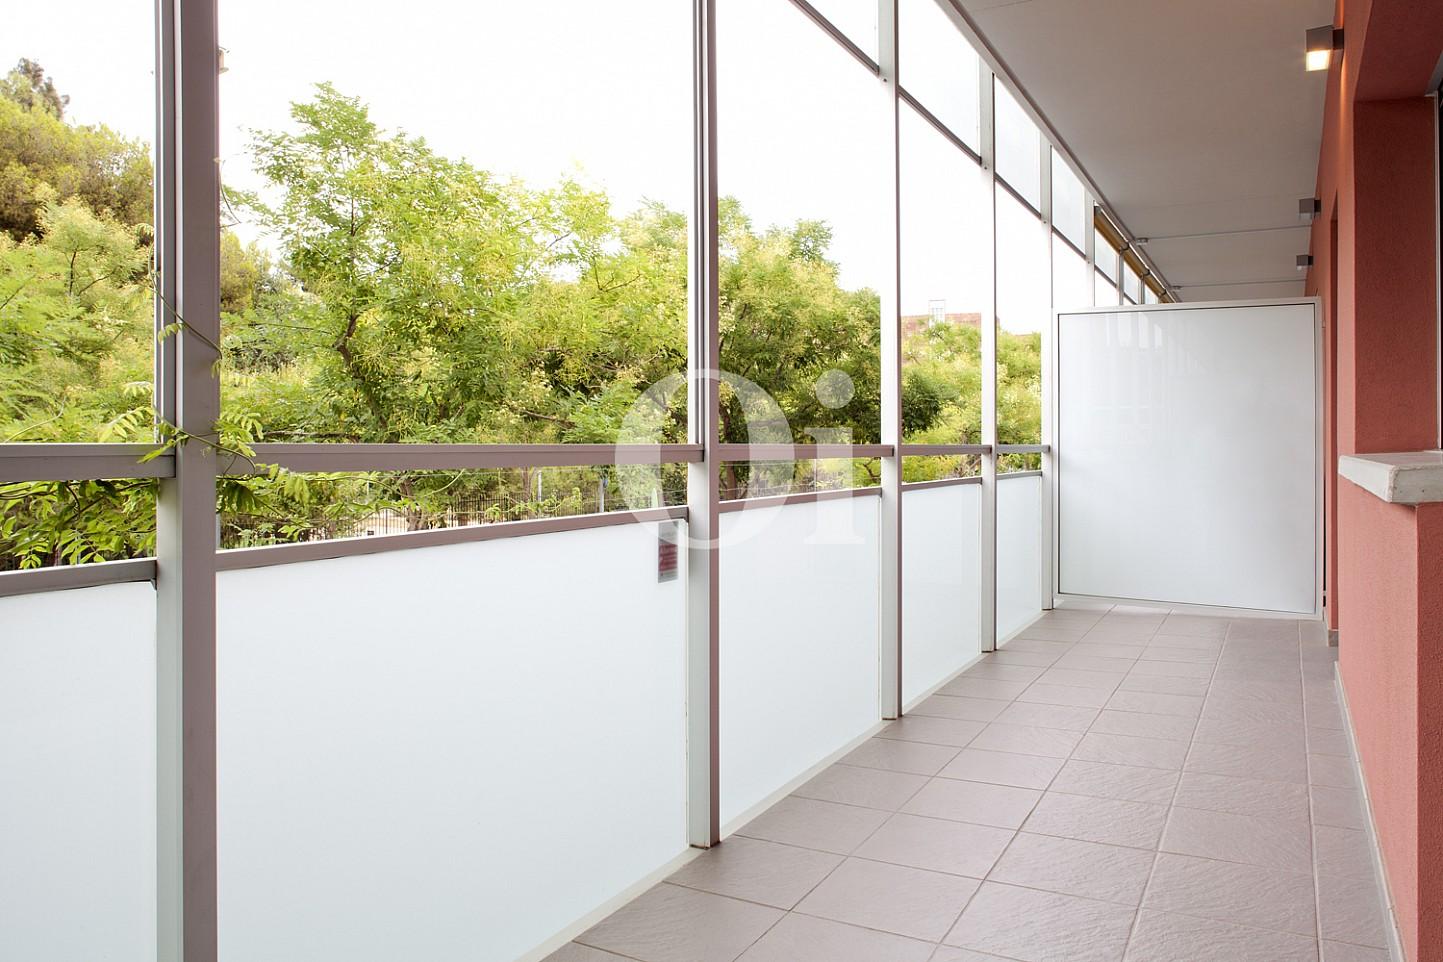 galería, galería acristalada, terraza acristalada, vistas, vistas a la ciudad